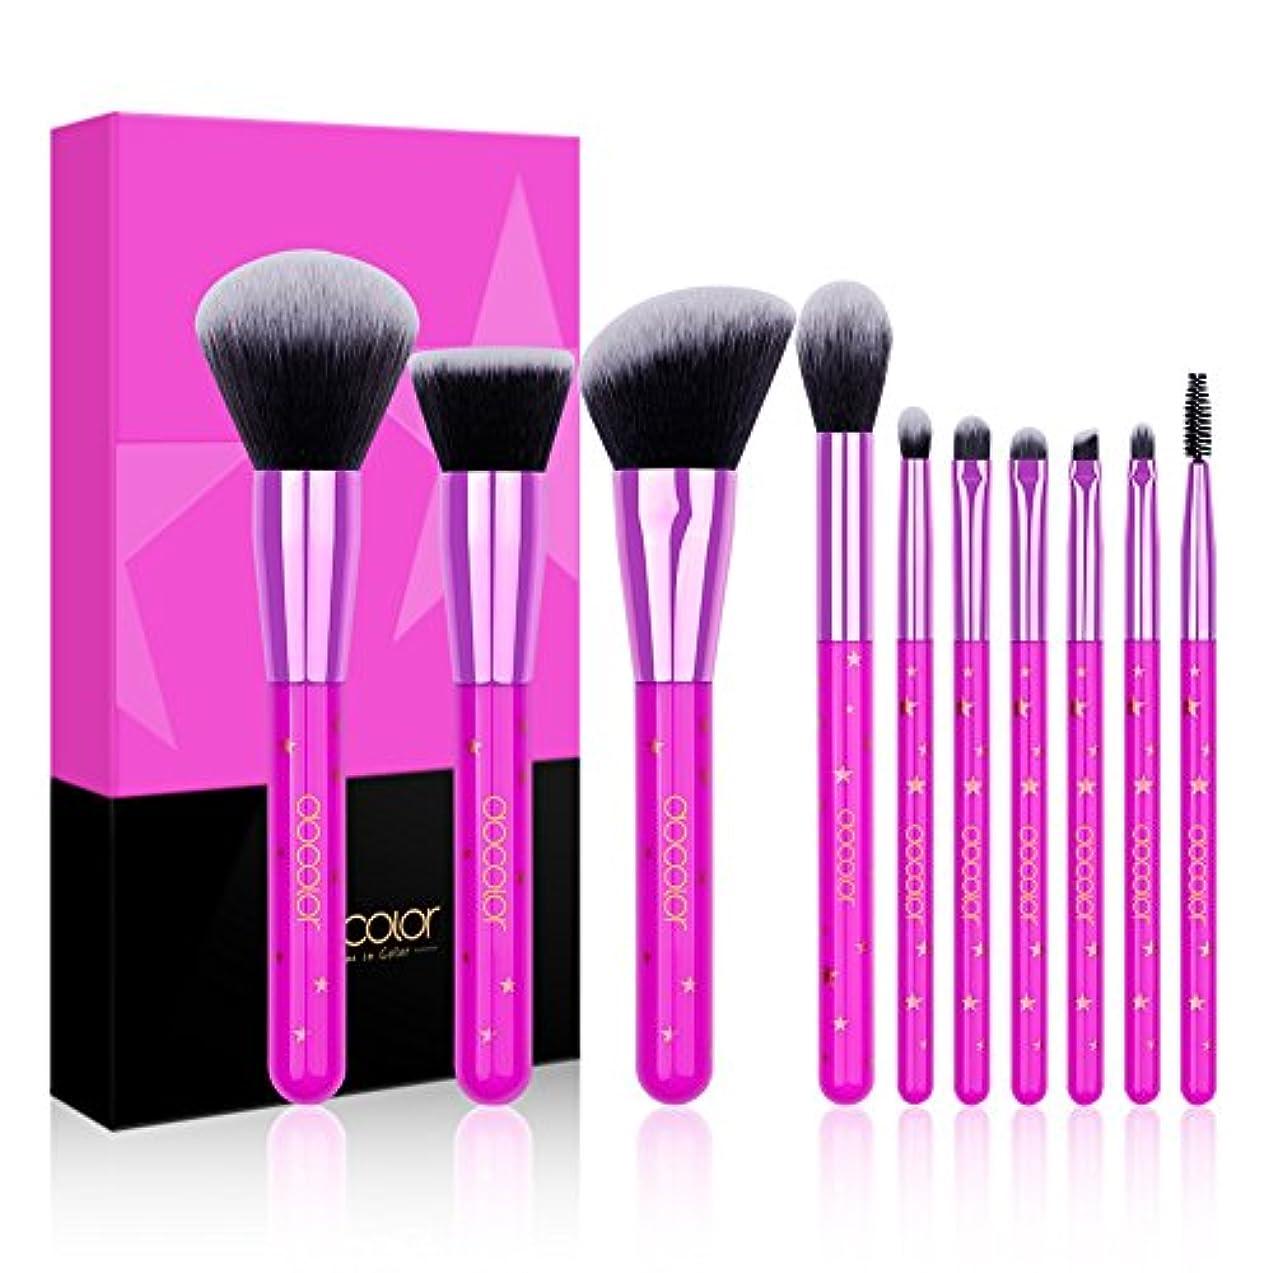 アブストラクト回路不足Docolor ドゥカラー 化粧筆 メイクブラシ 10本セット コスメ 化粧ブラシ 高級タクロンを使用 限定品 メイクの仕上がりを格上げ